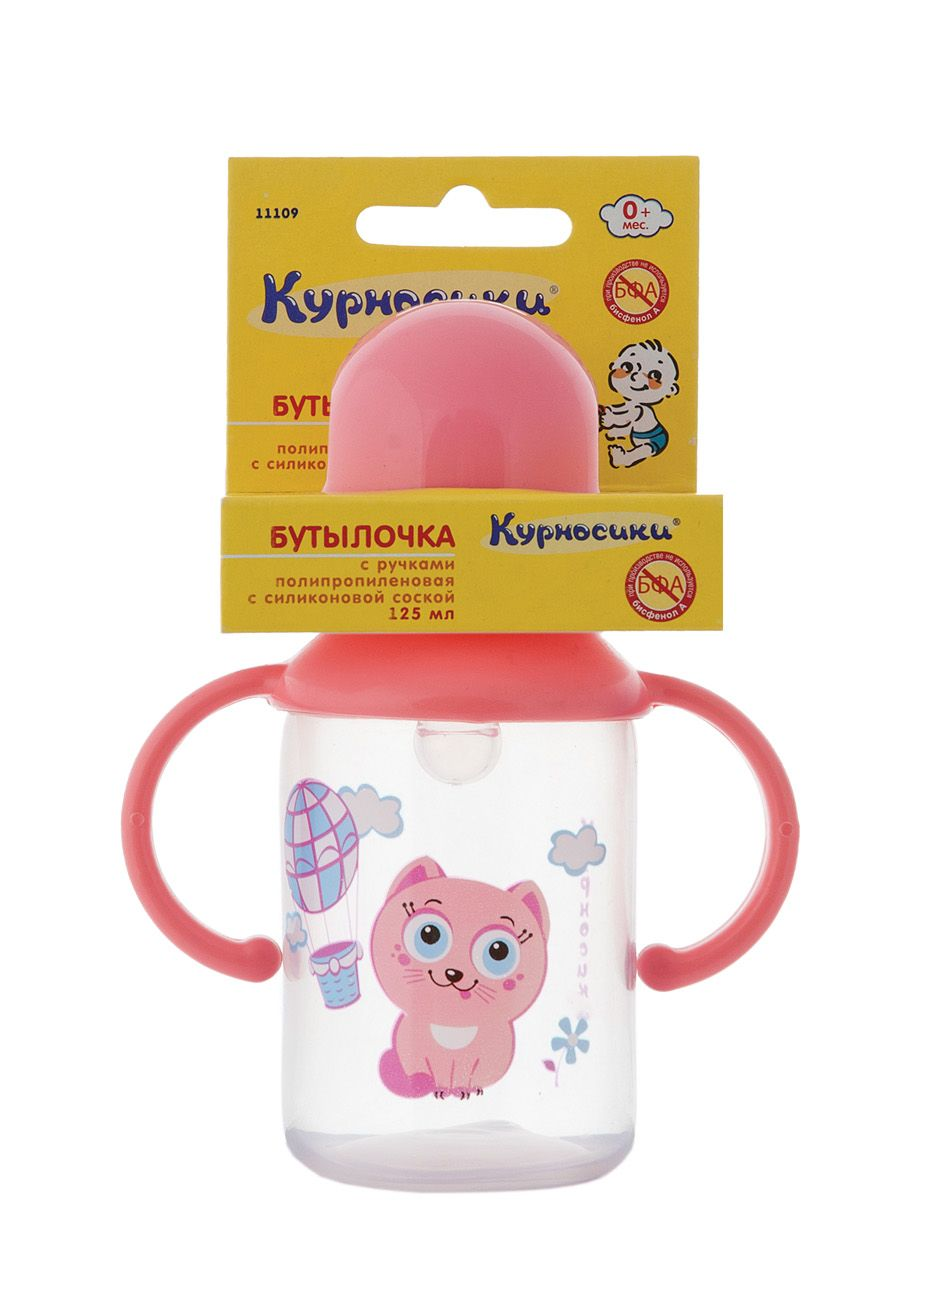 фото упаковки Курносики бутылочка ручками и силиконовой соской 6 мес+